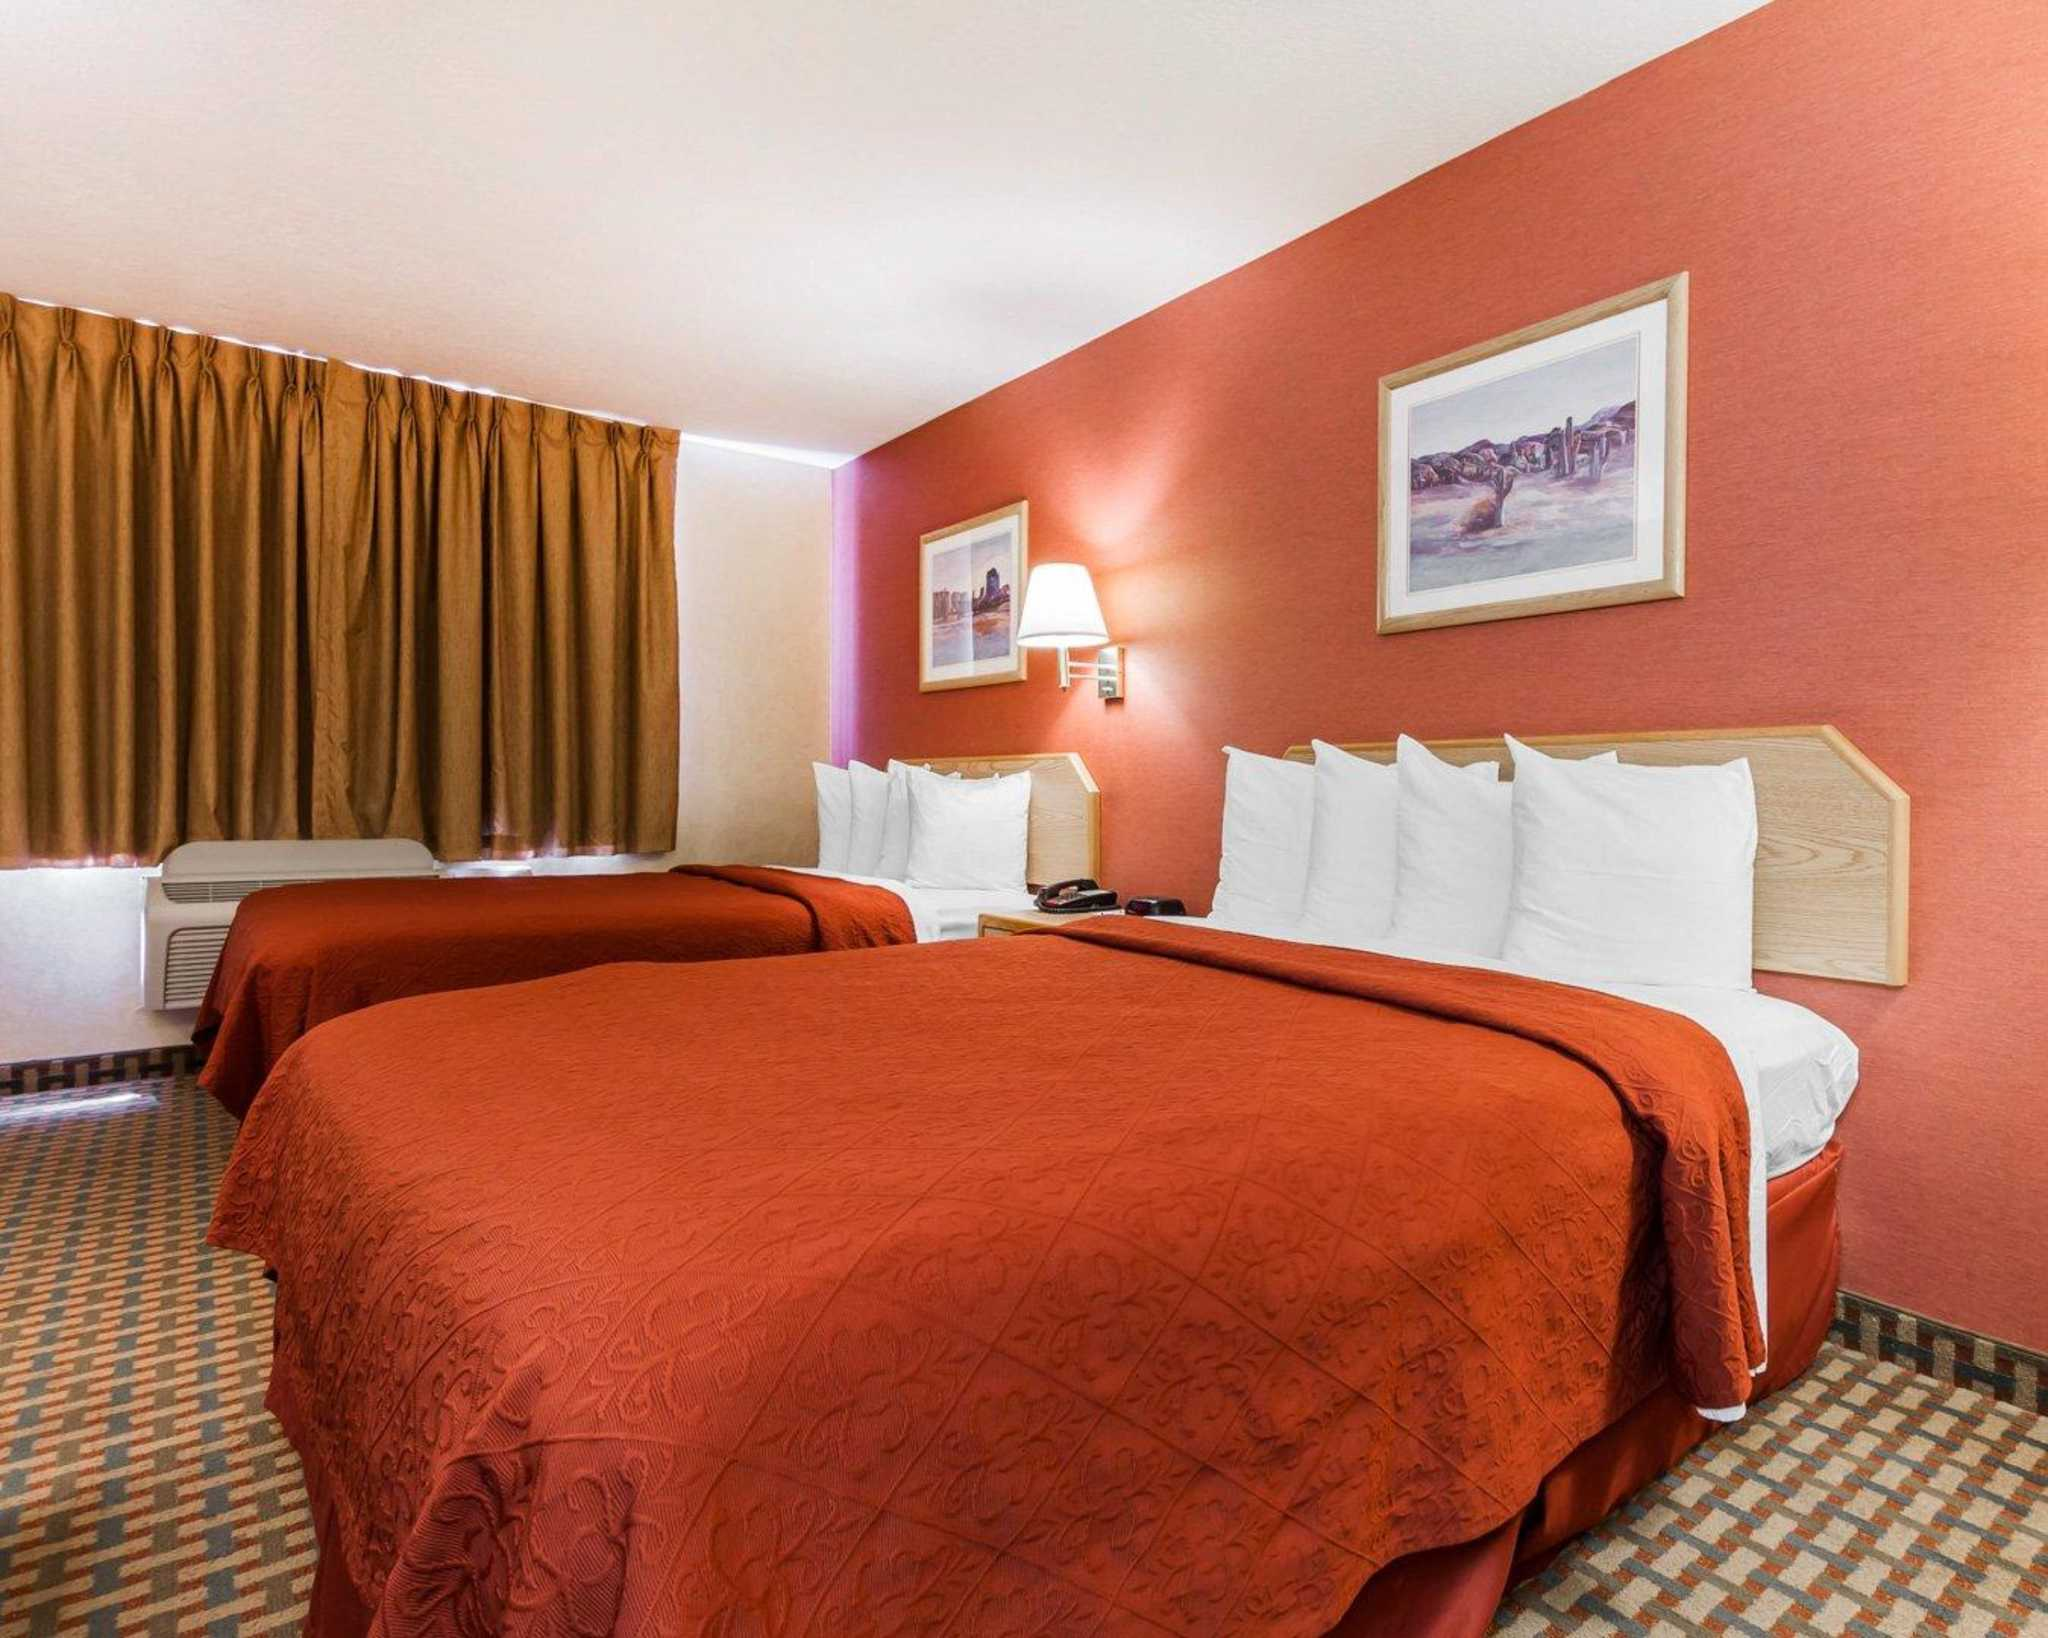 Quality Inn & Suites Surprise Near Sun City West image 4